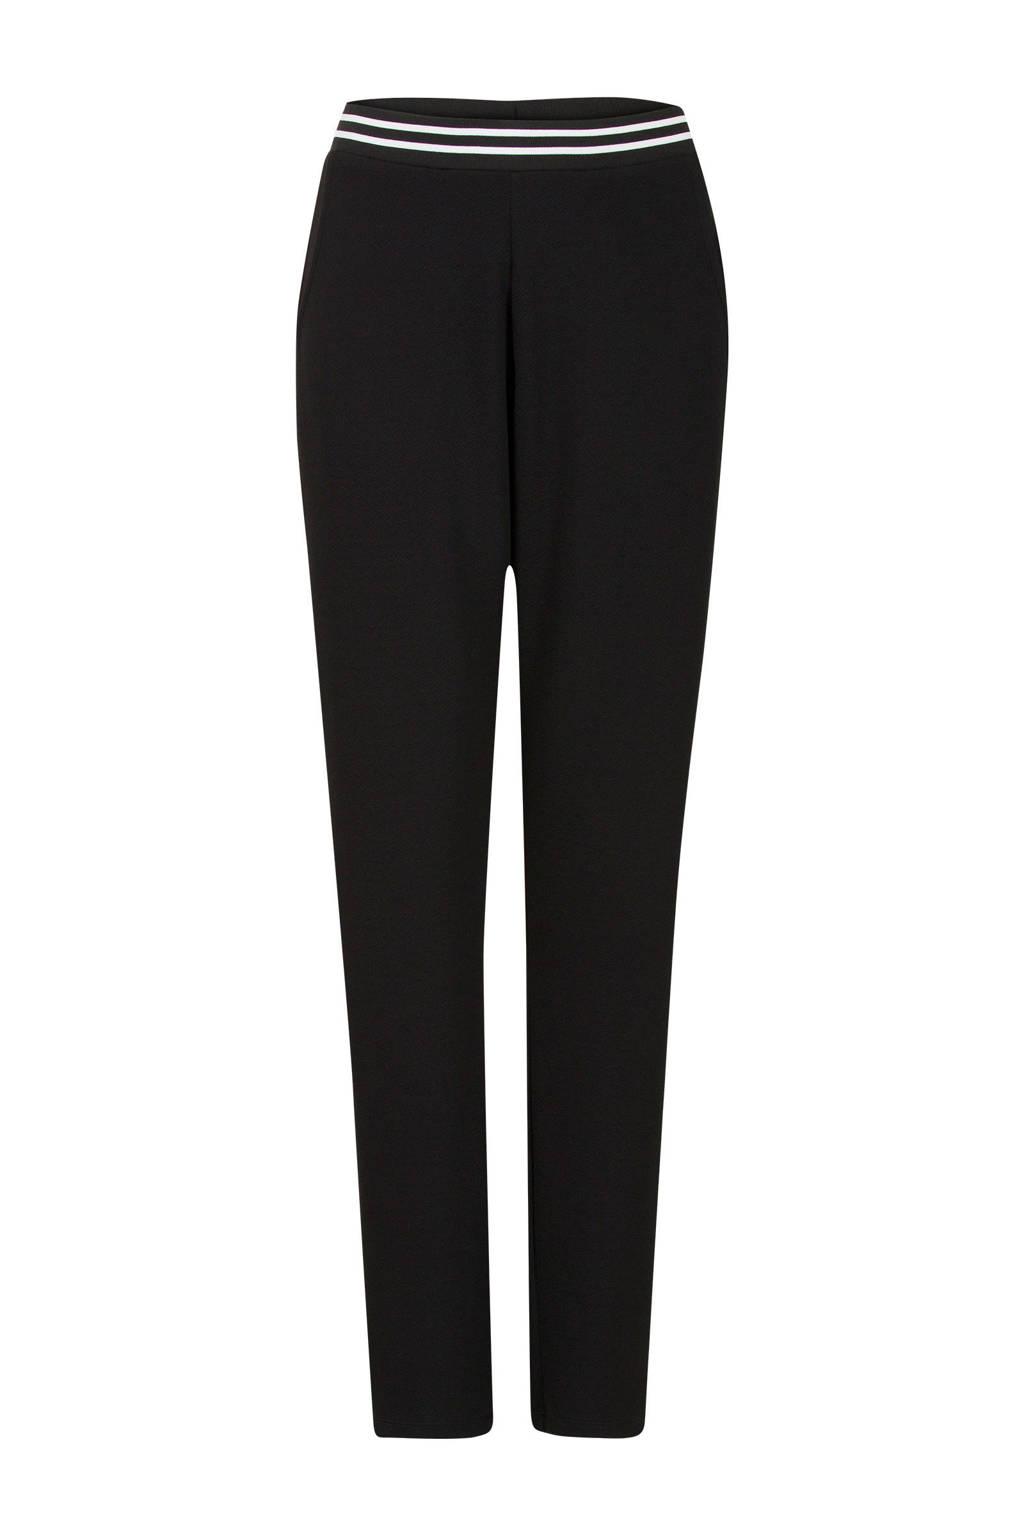 Miss Etam Regulier regular fit broek zwart, Zwart